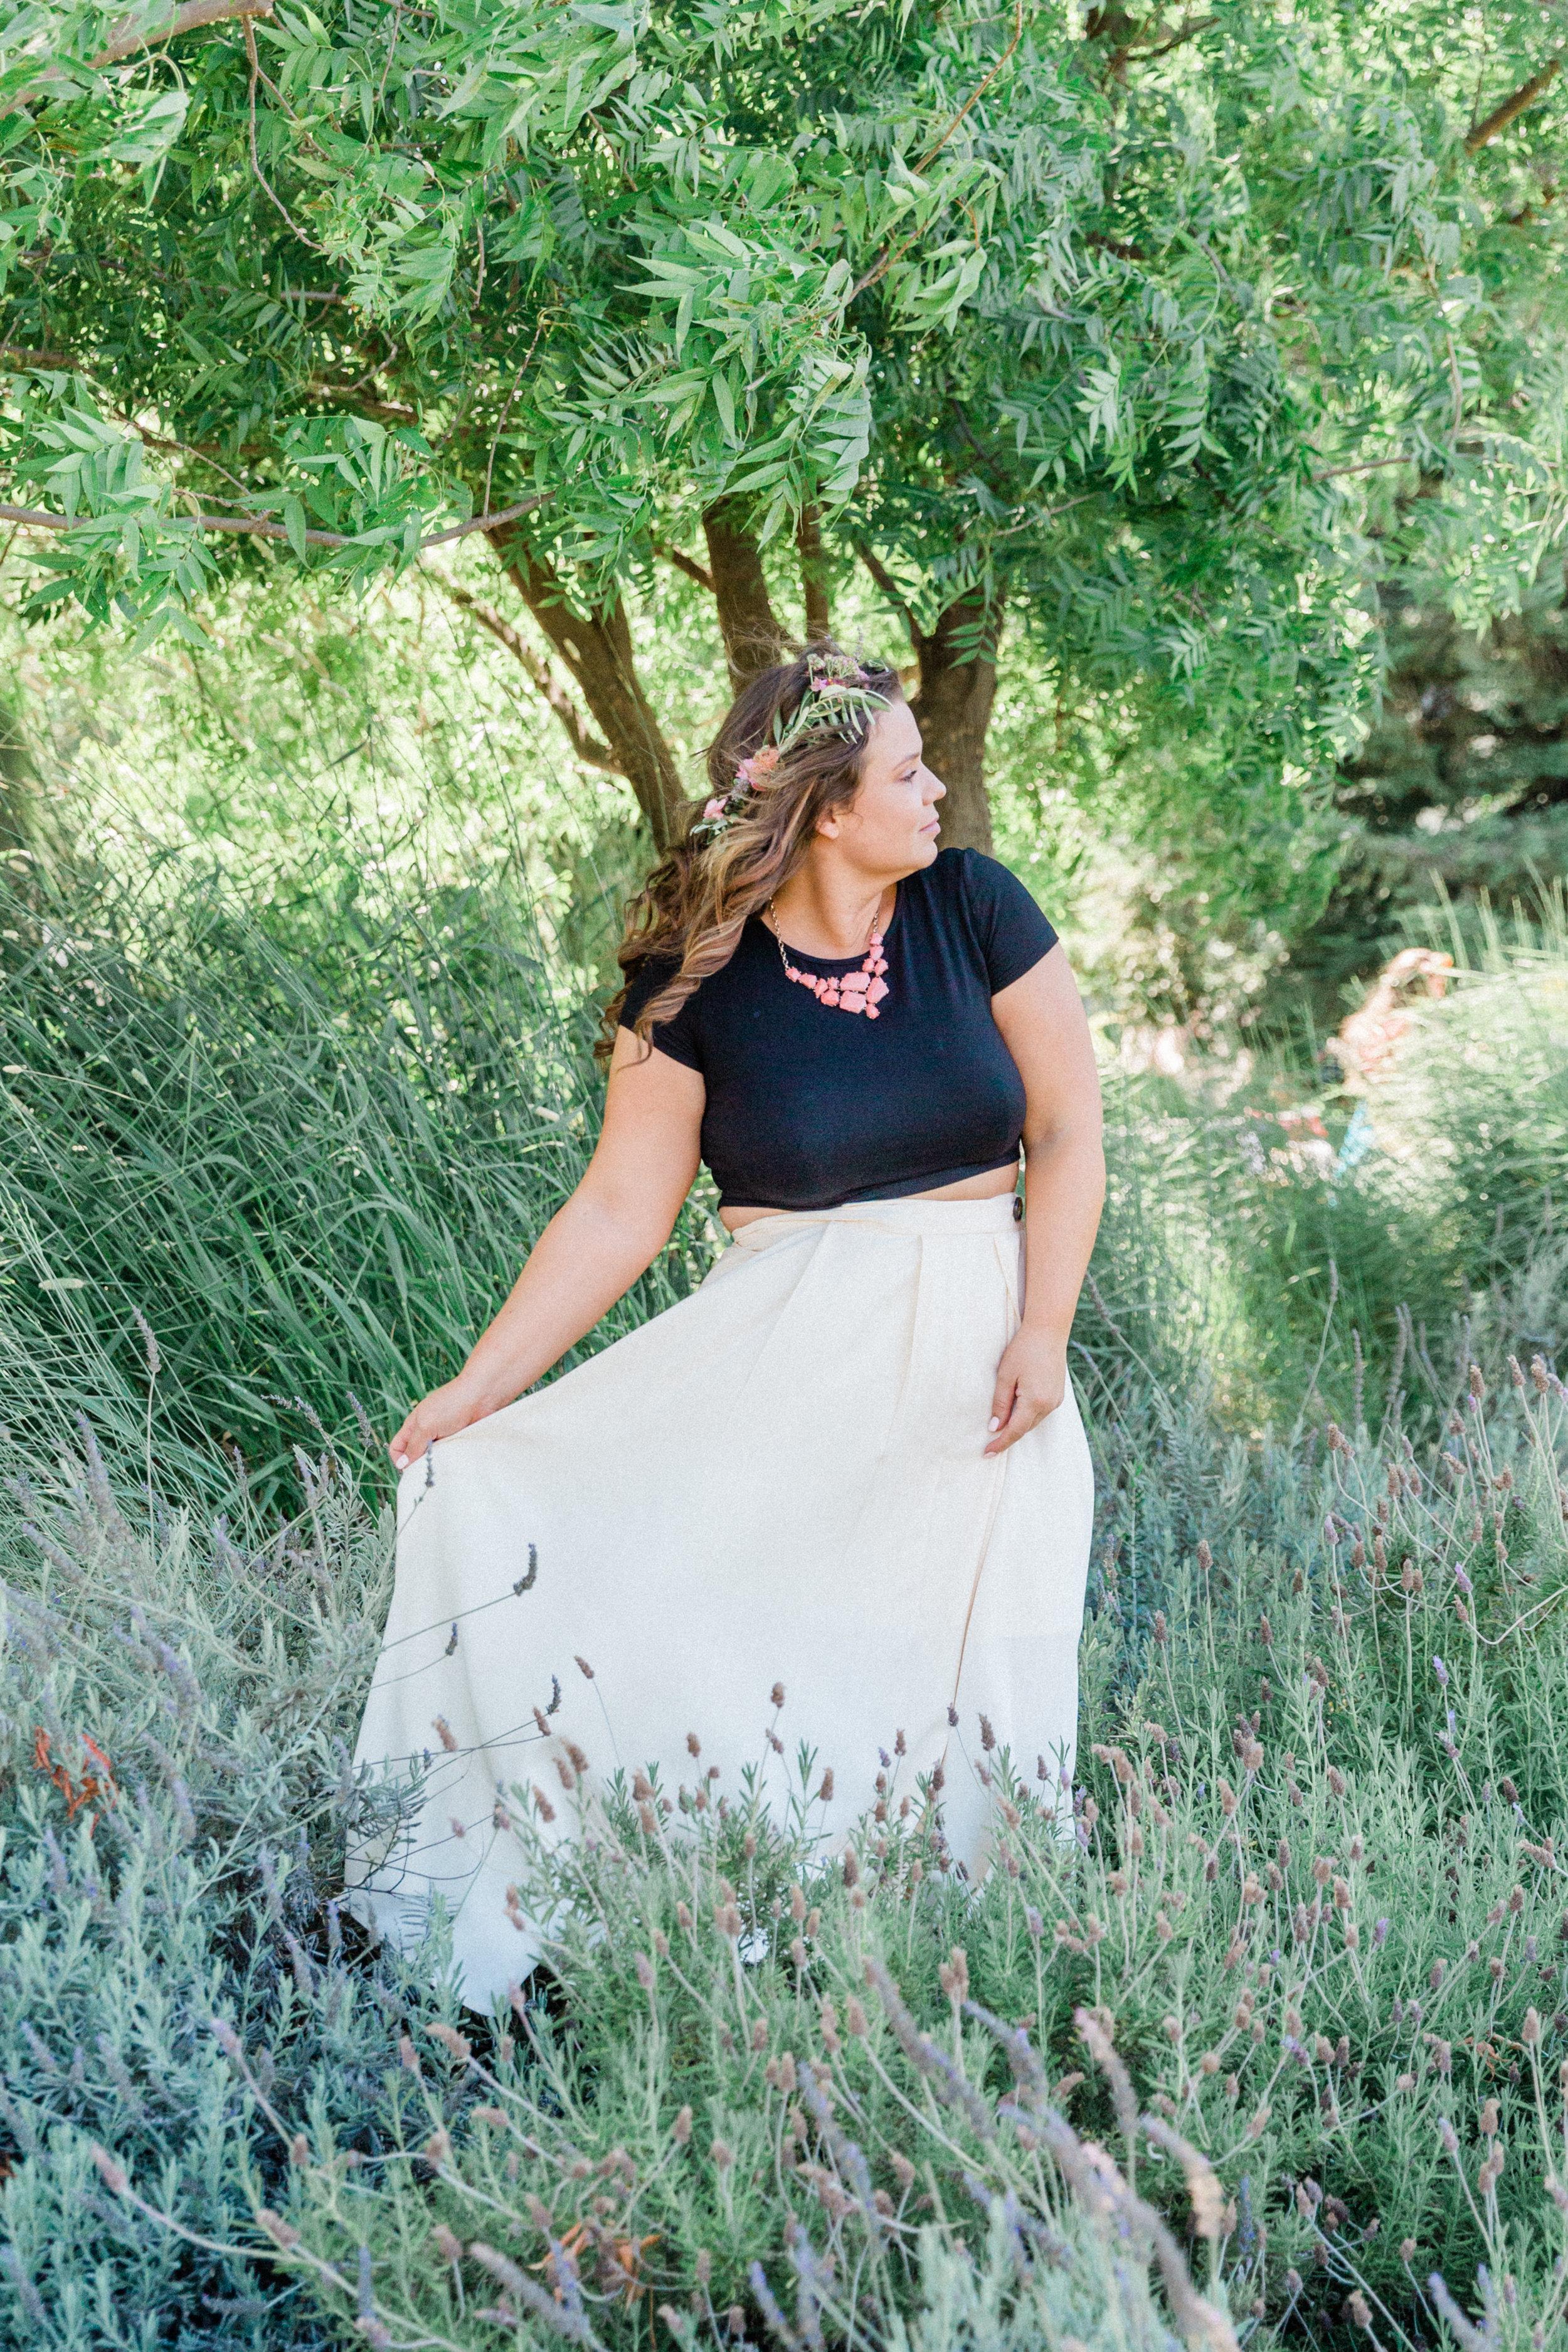 Summerland 2019 - Lauren Alisse Photography-68.jpg